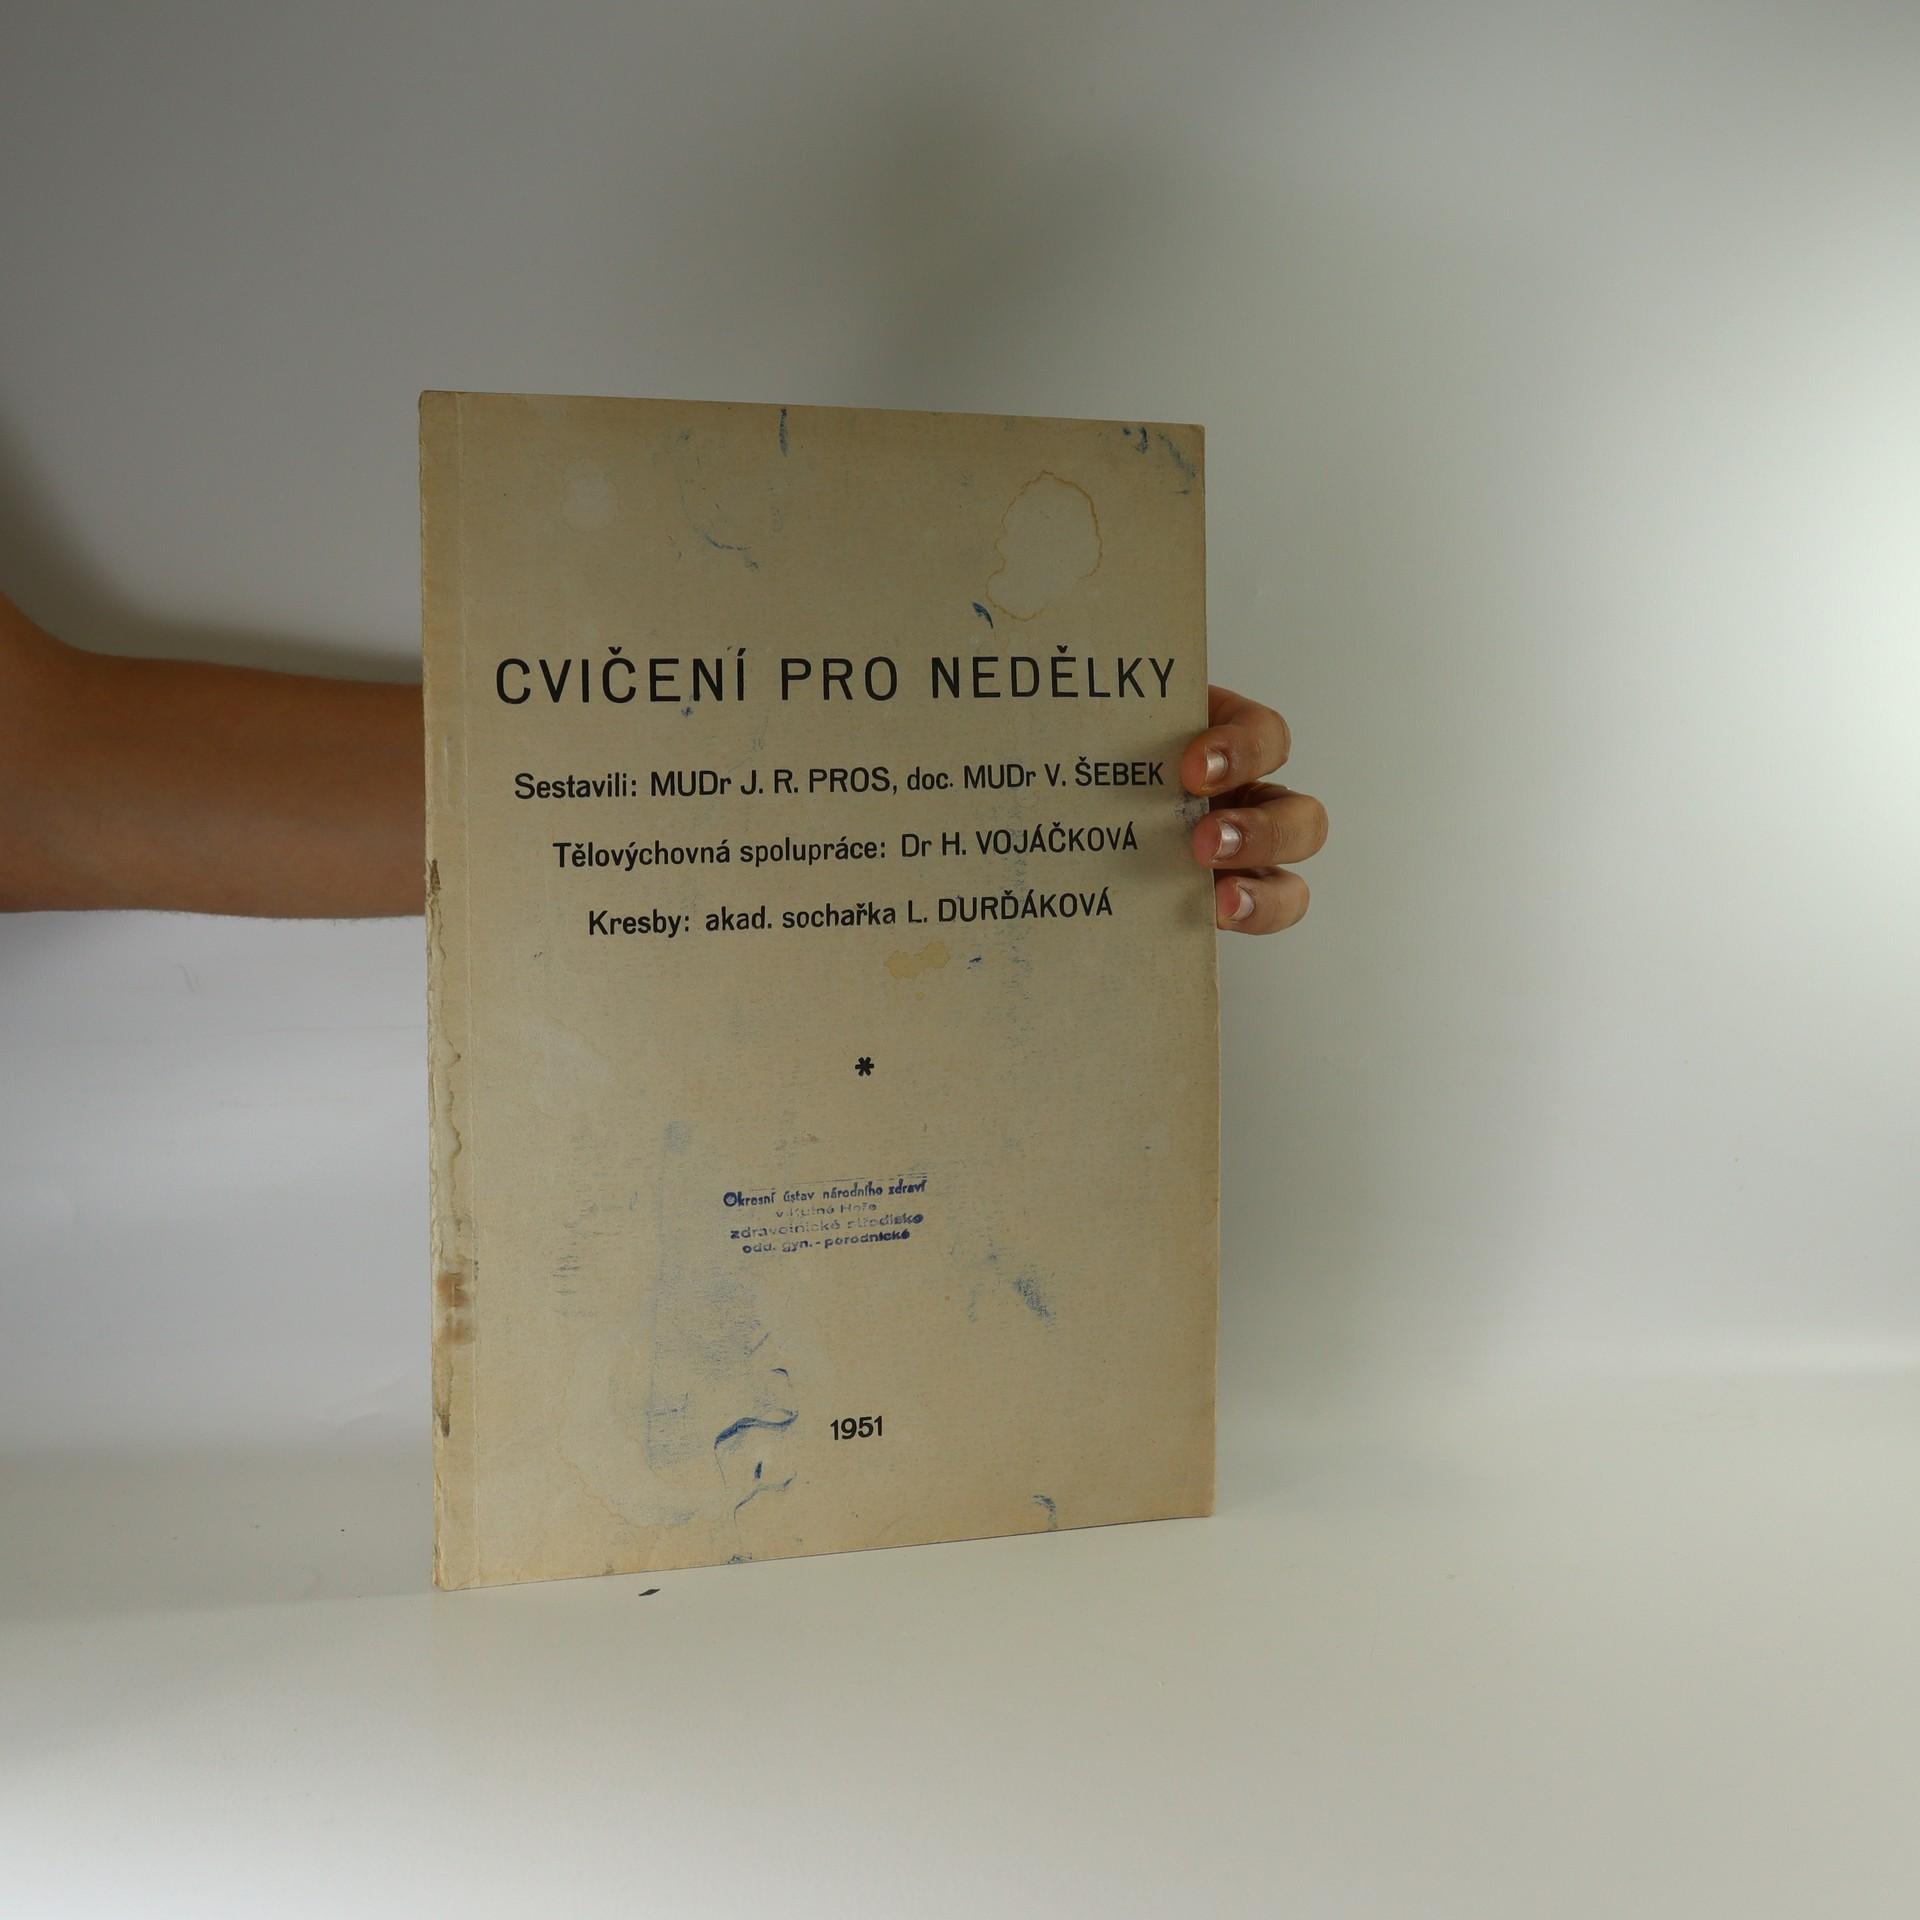 antikvární kniha Cvičení pro nedělky, neuveden